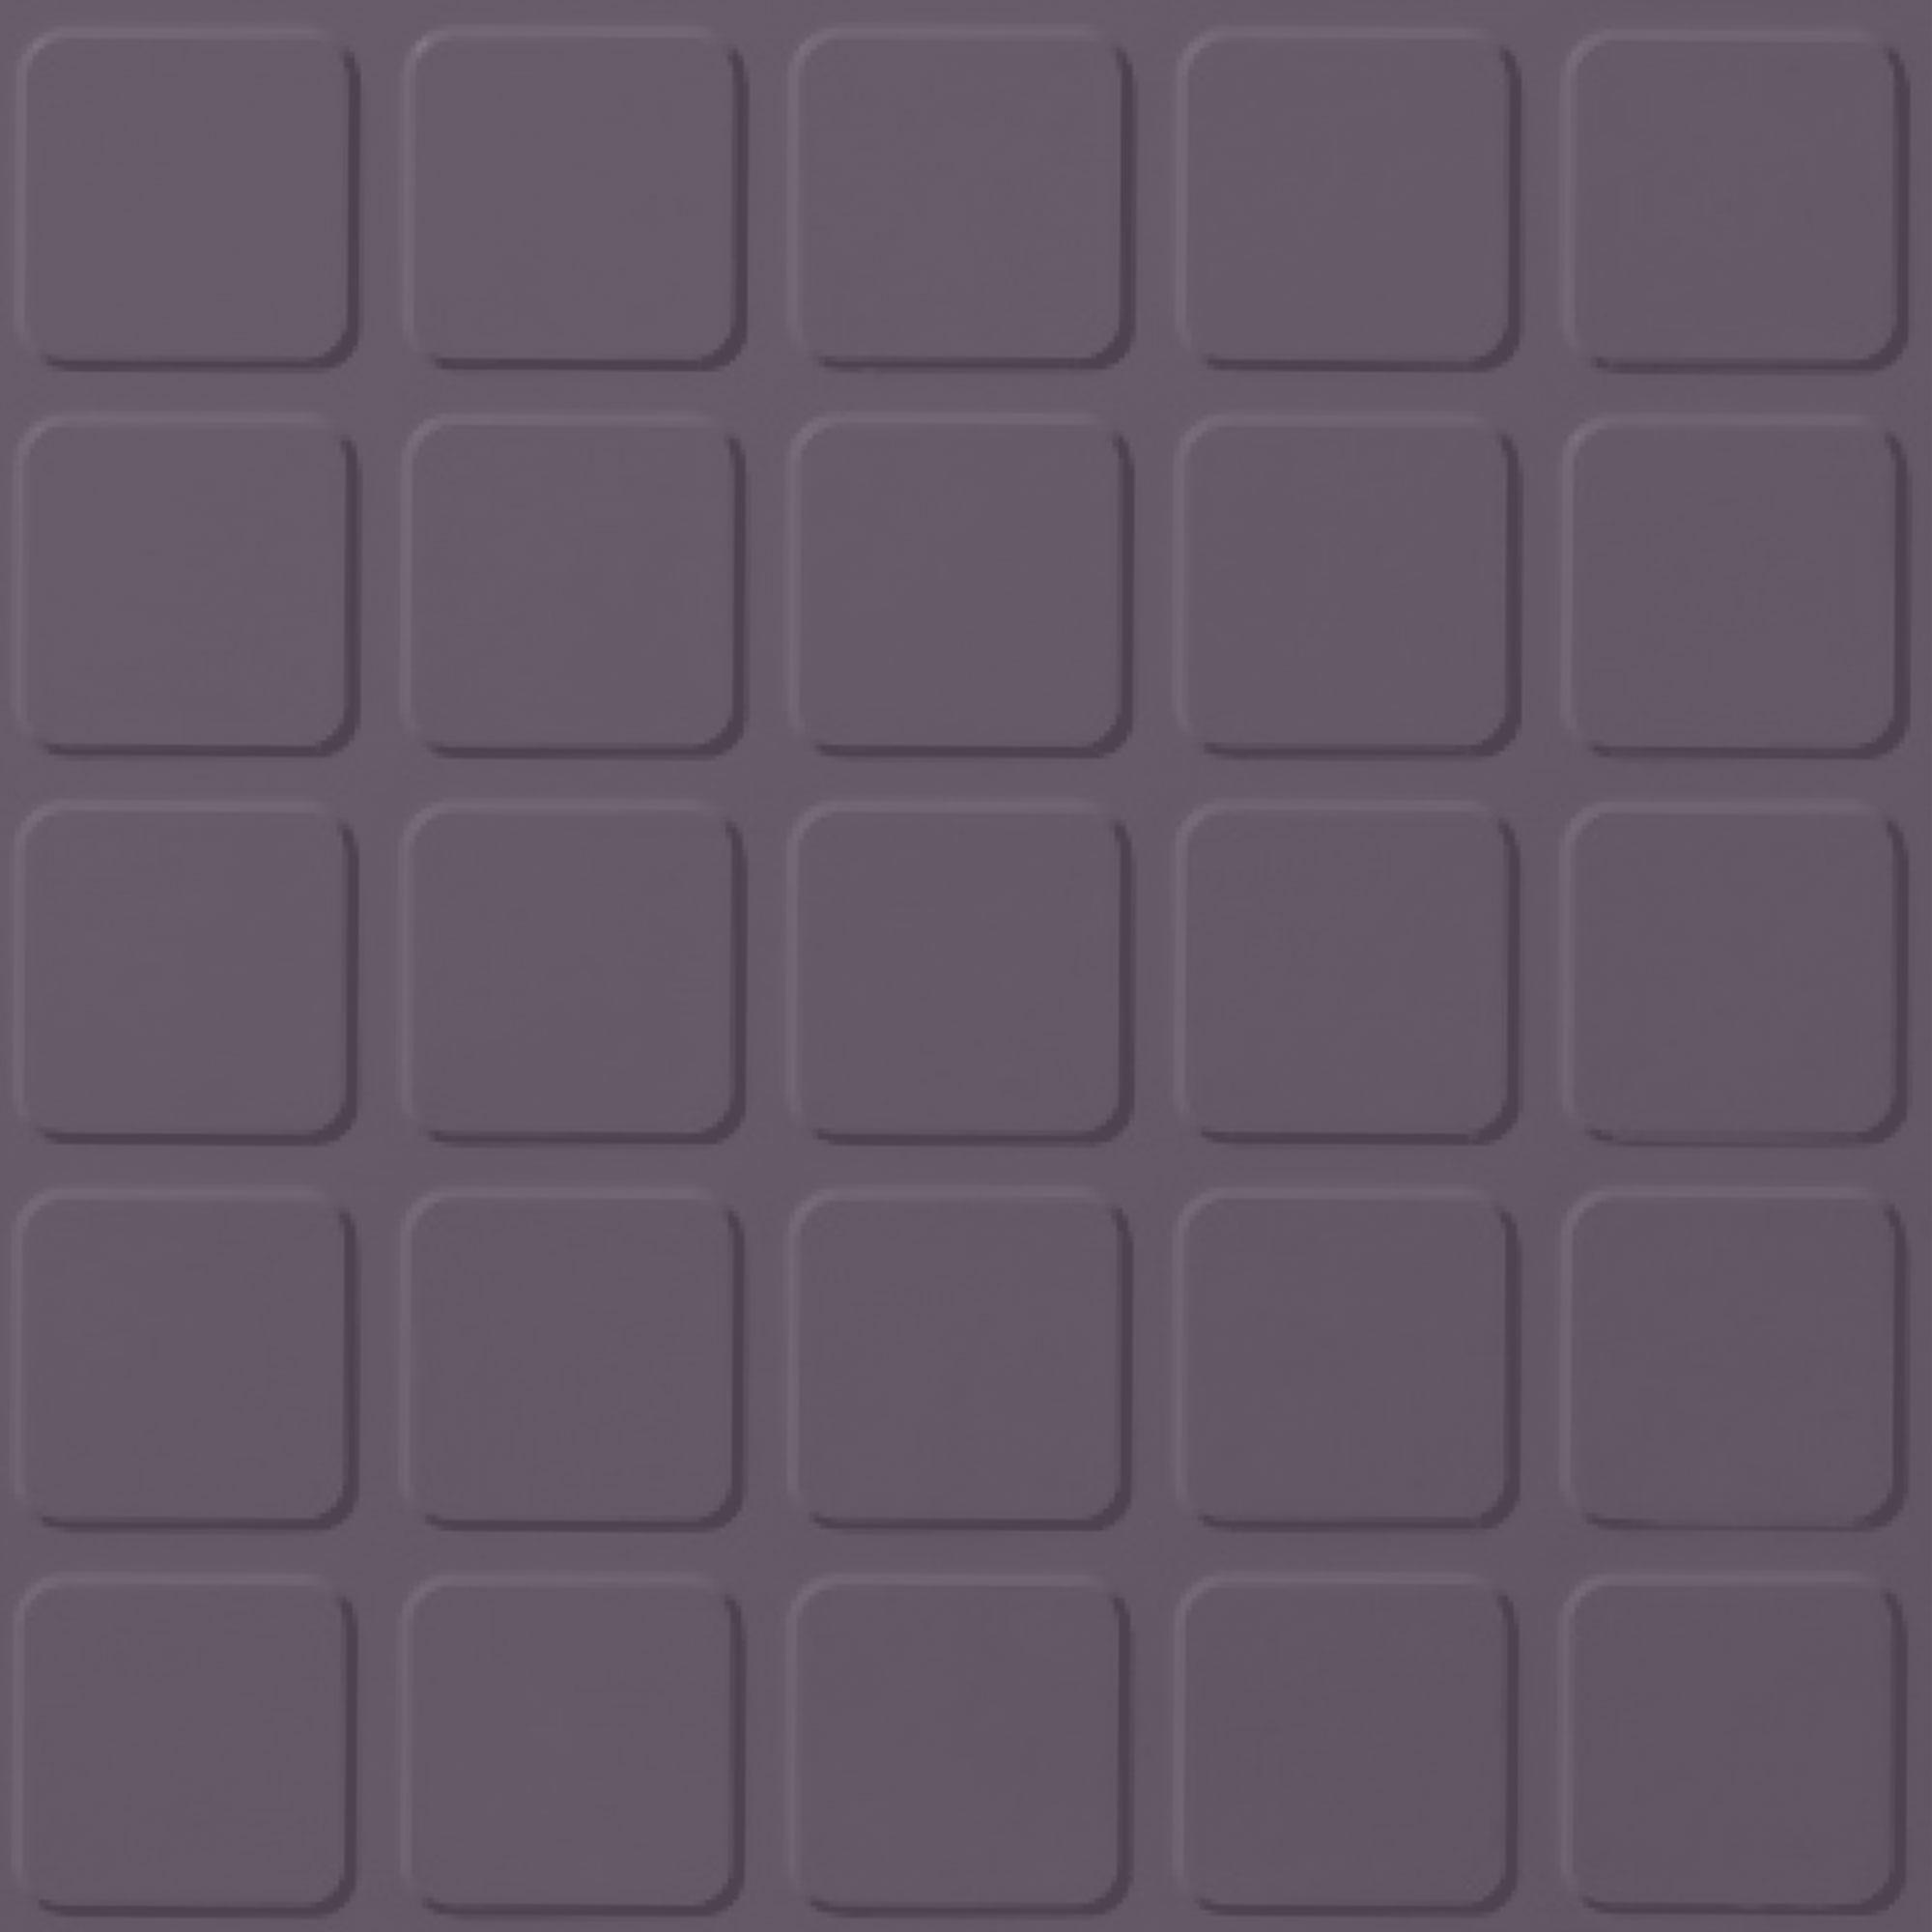 Roppe Rubber Tile 900 - Raised Square Design (994) Merlin Rubber Flooring